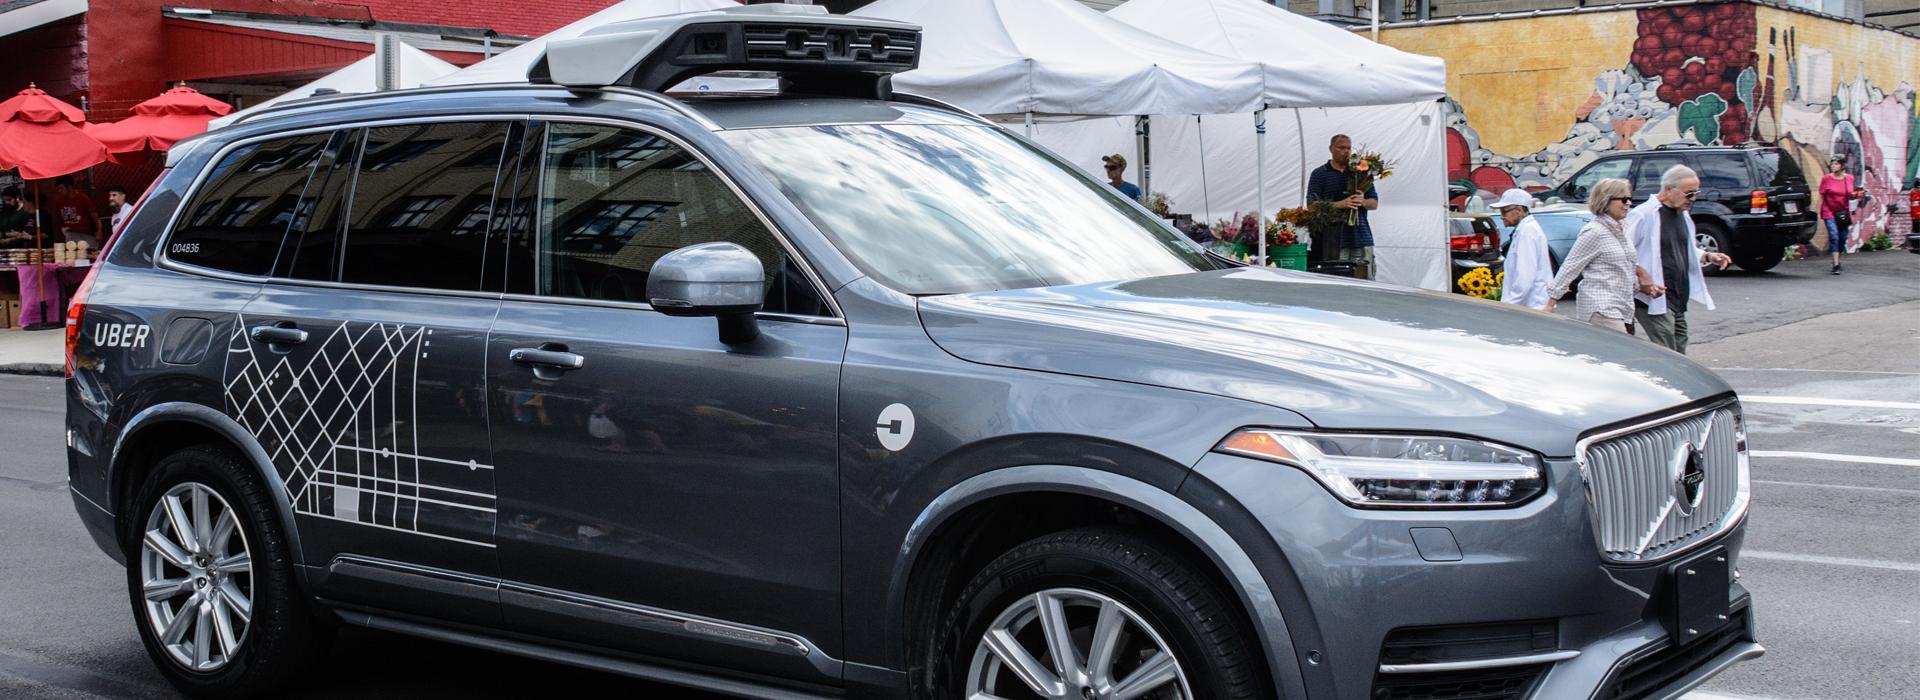 全球首例!Uber自駕車撞死行人 測試喊卡